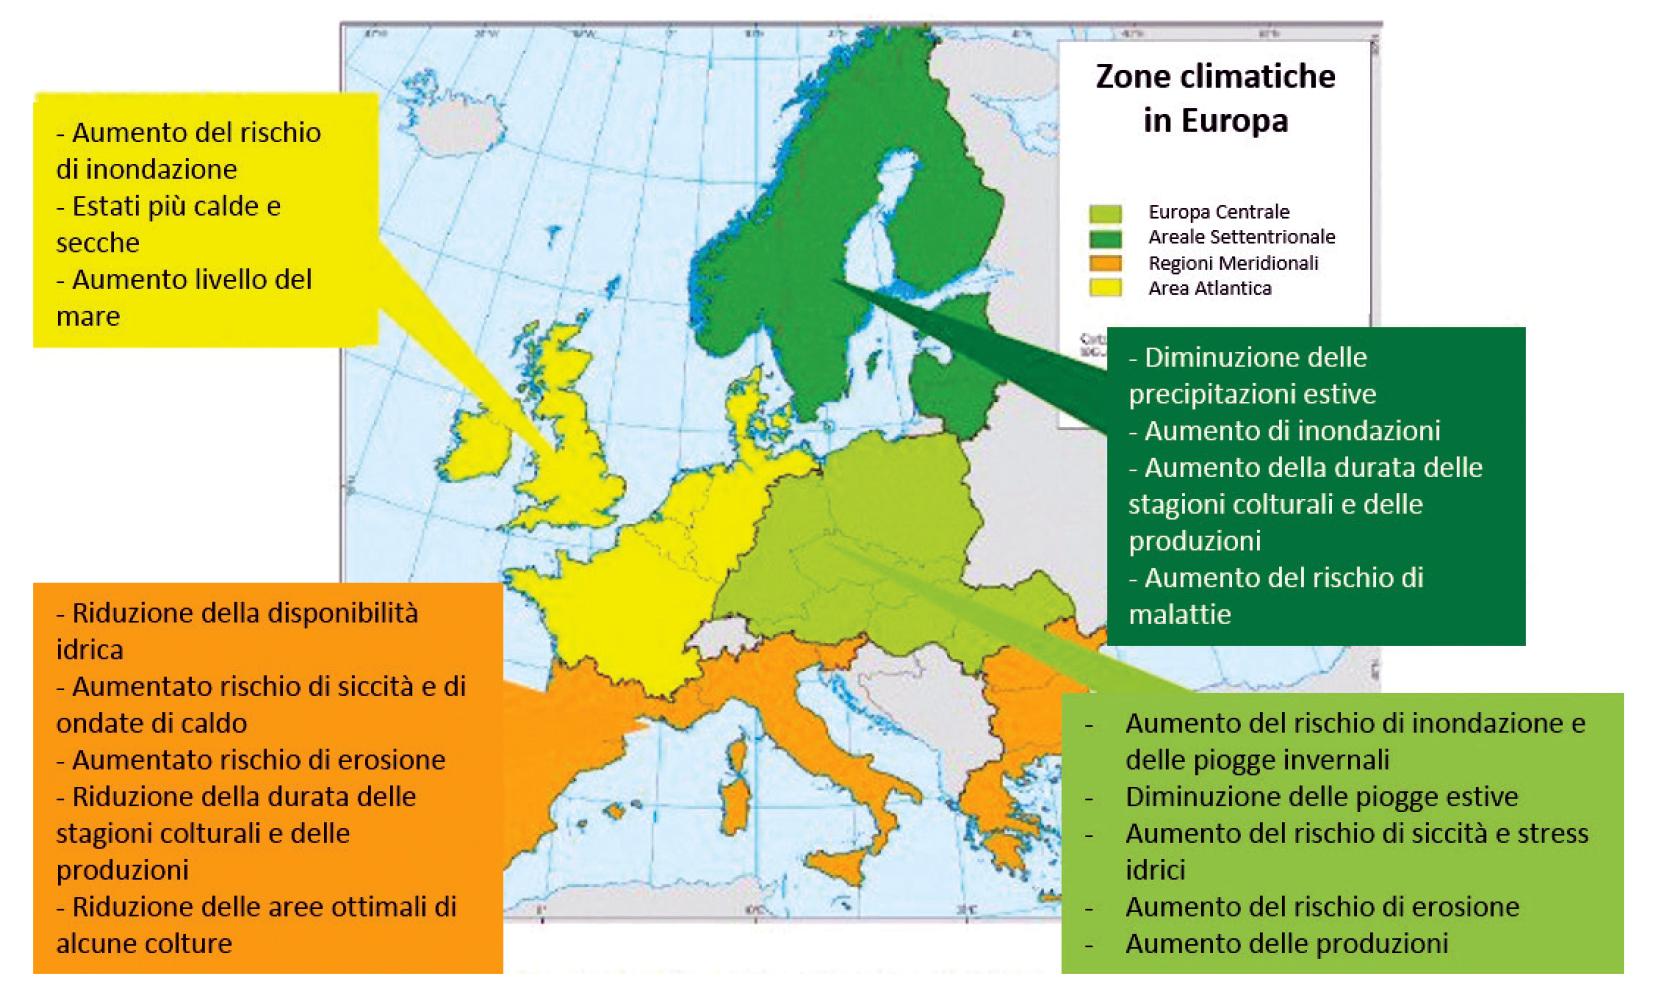 Aumento di temperatura nel Mediterraneo e suoi effetti climatici